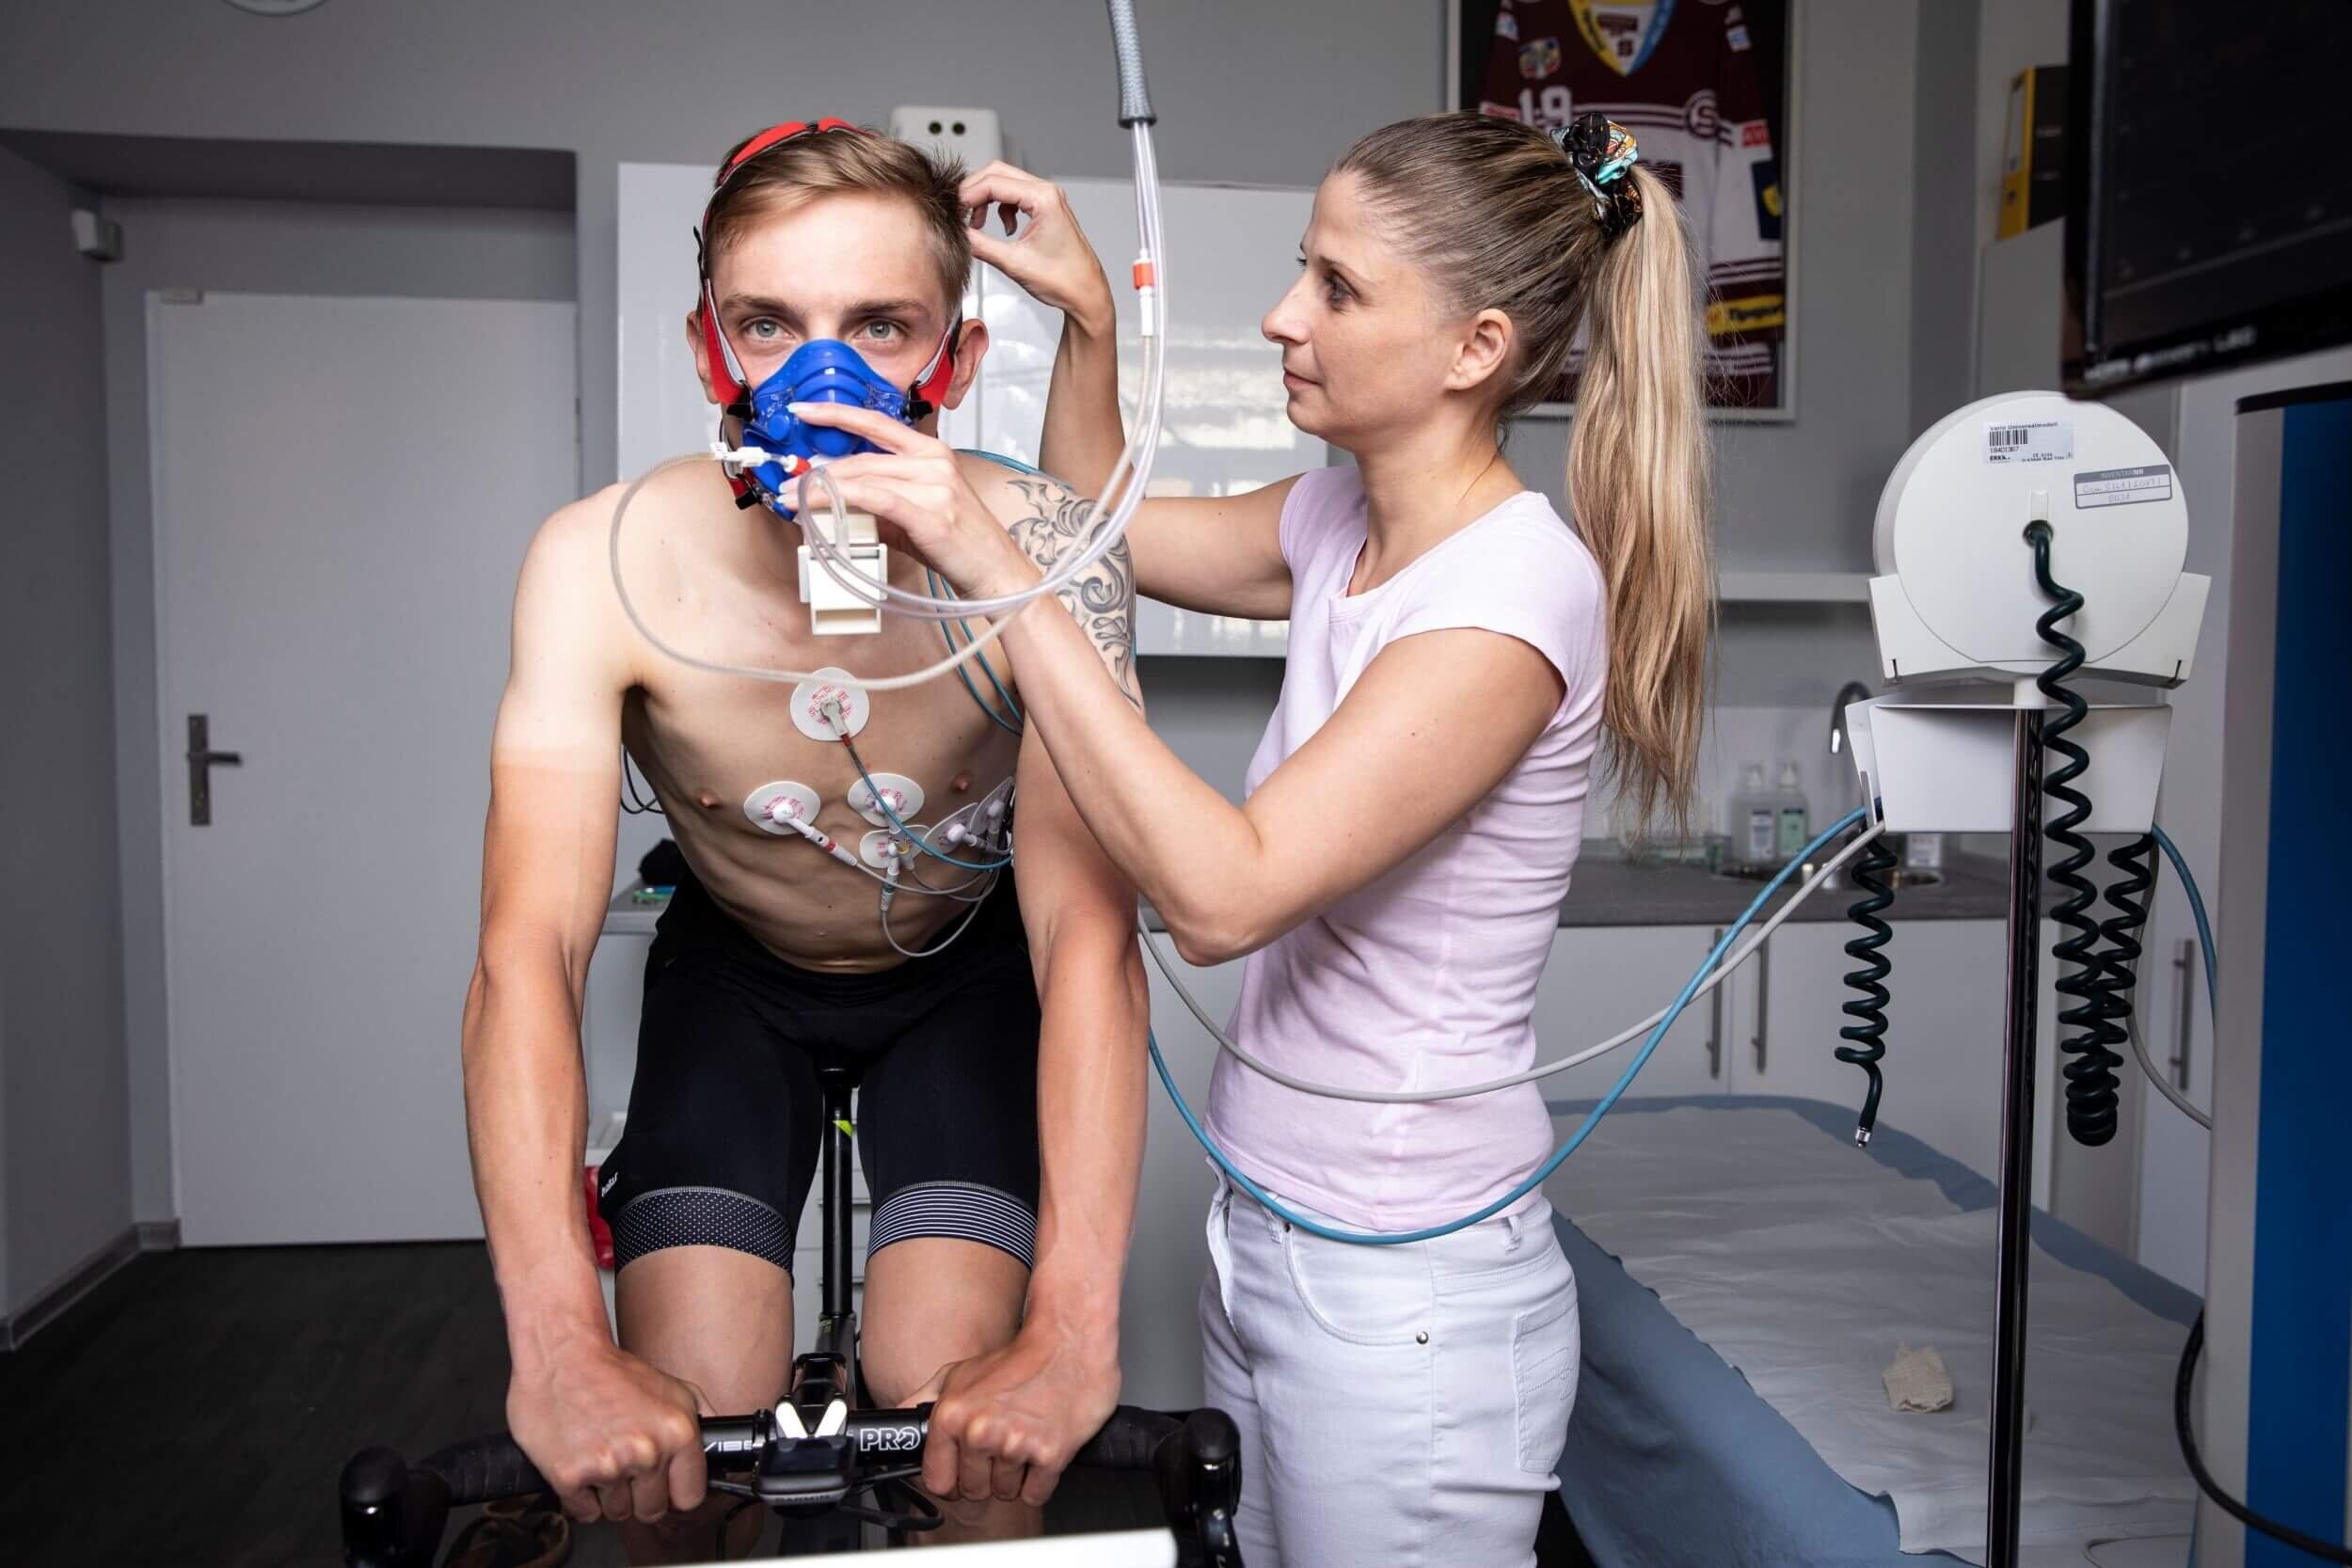 Sportovní testy a fyziologie - Chcete se zlepšovat a posouvat své tréninkové i závodní hranice? Pak potřebujete vědět, jak funguje vaše tělo při výkonu! Díky speciálním sportovním testům odhalíme, co snižuje vaši úspěšnost. Zároveň společně upravíme váš tréninkový plán a vy se pak budete moci ještě více zdokonalovat.